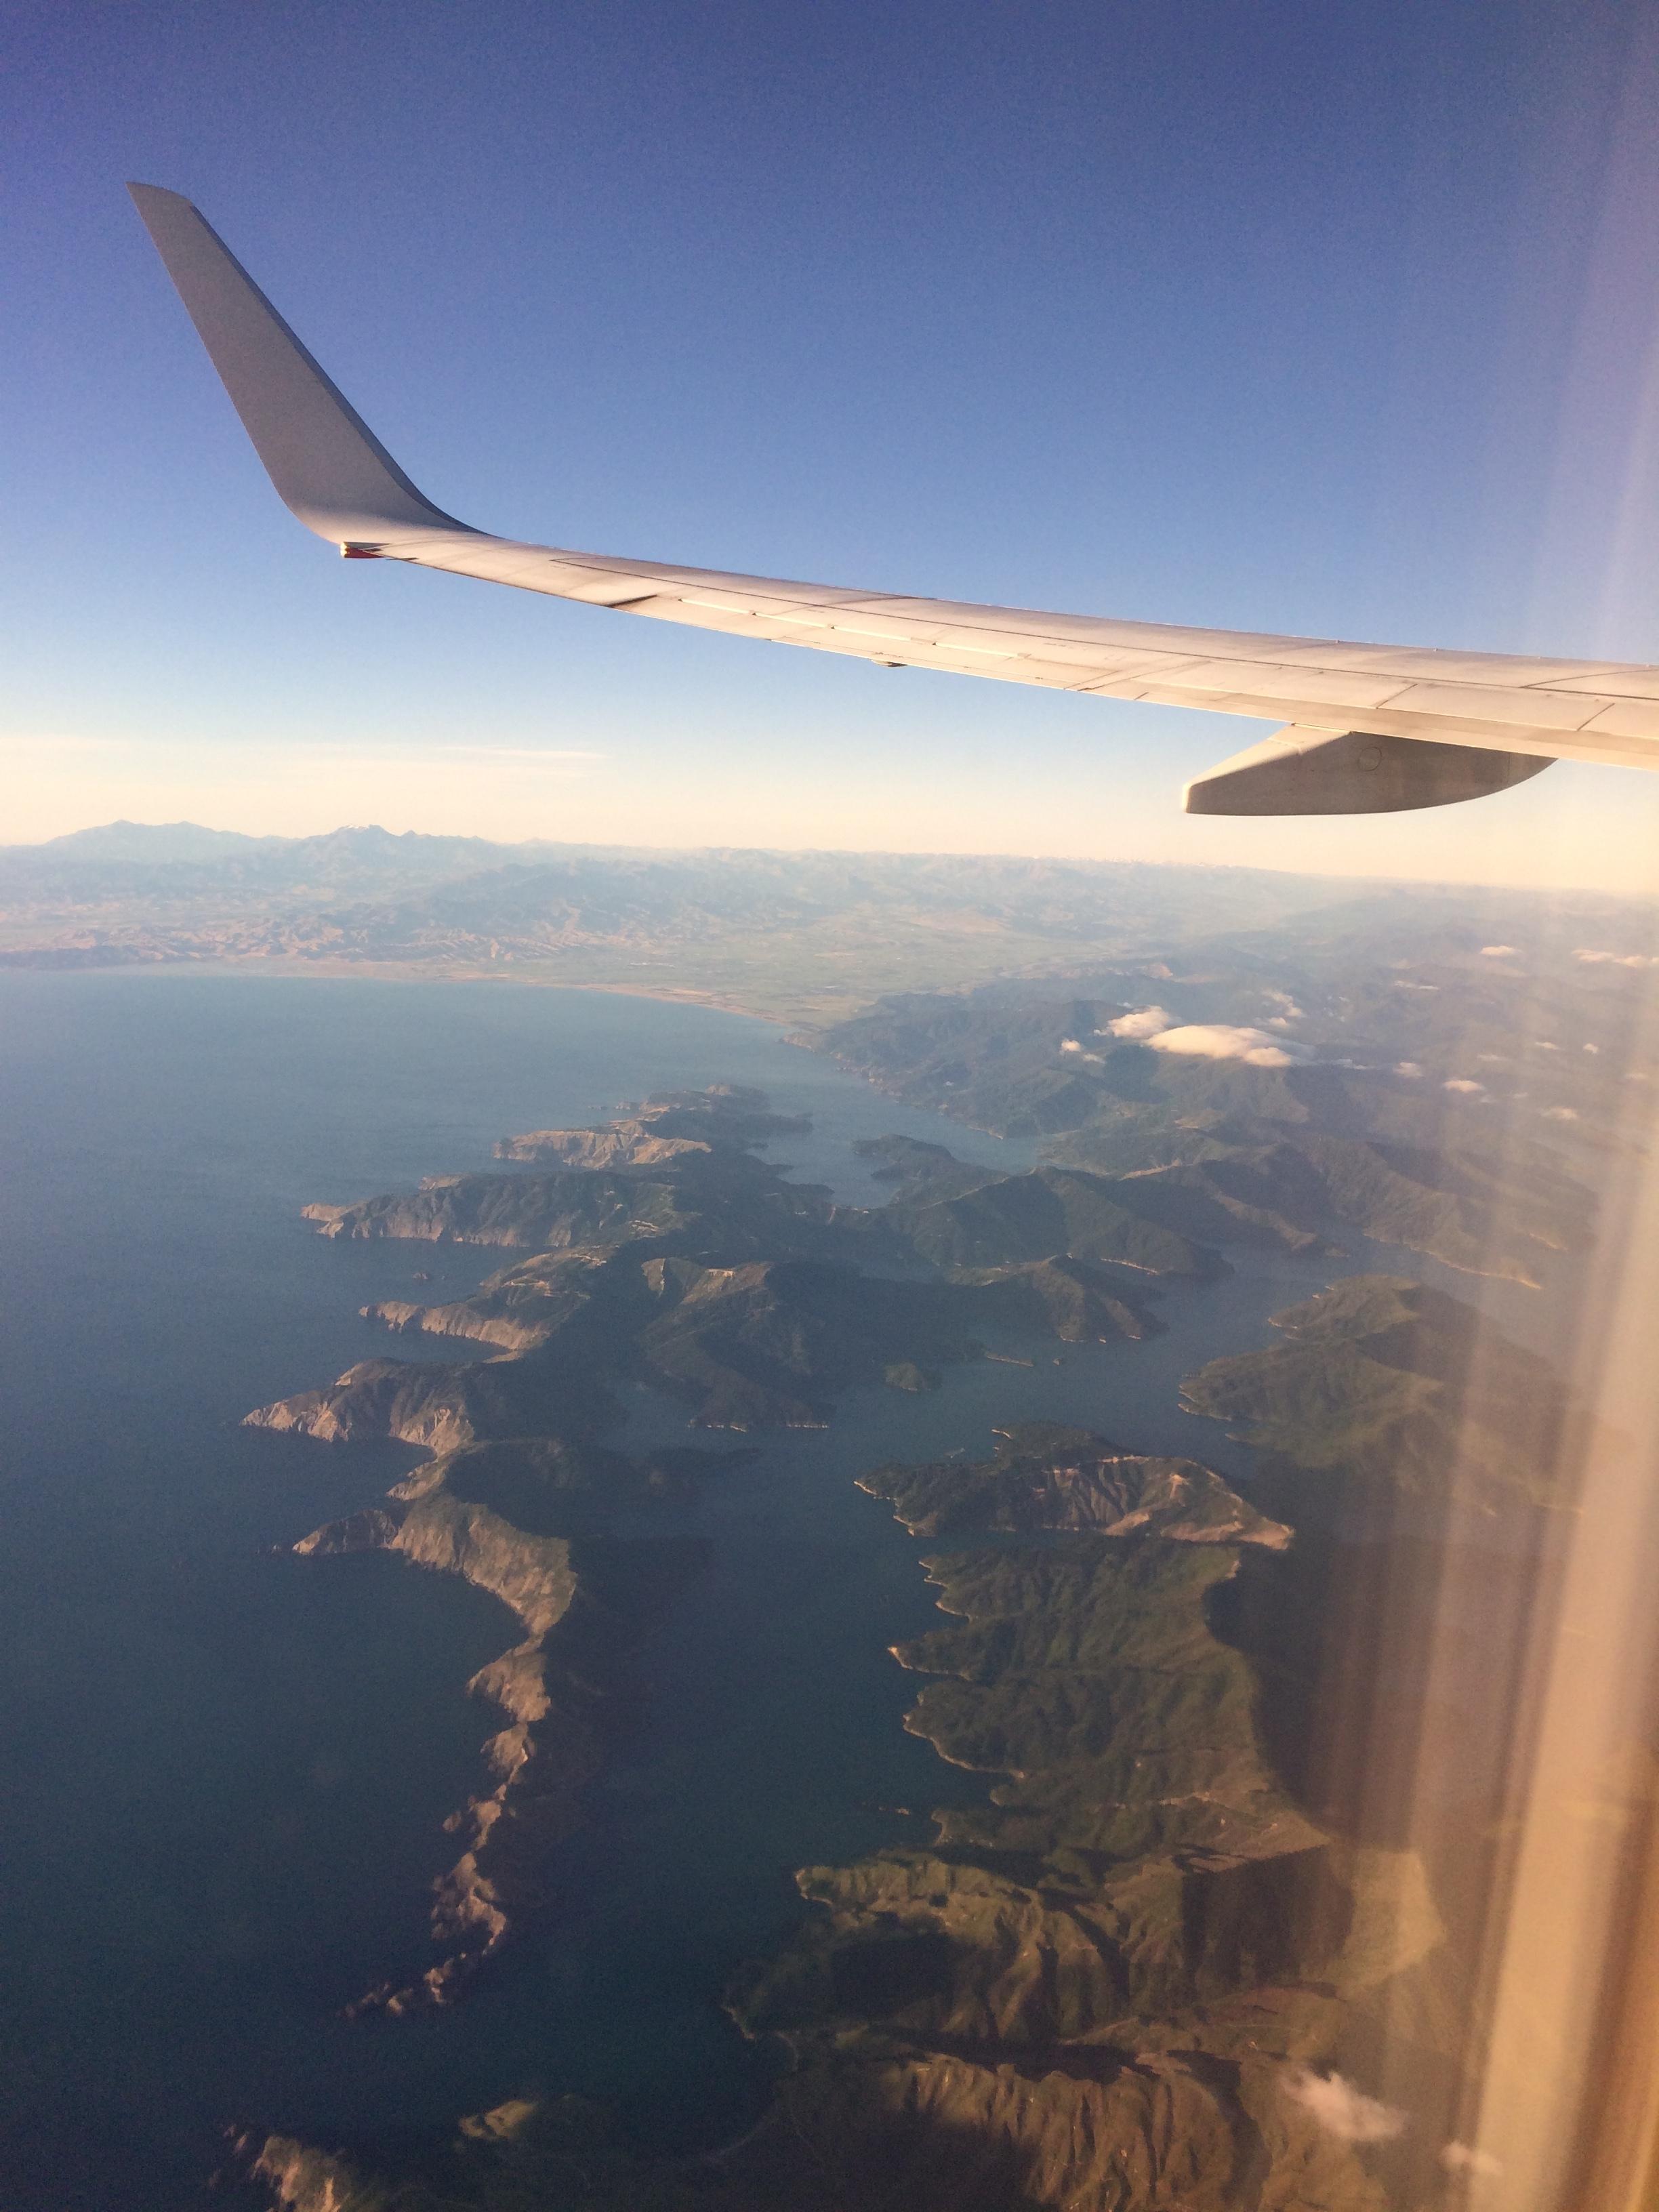 Marlborough From the Air